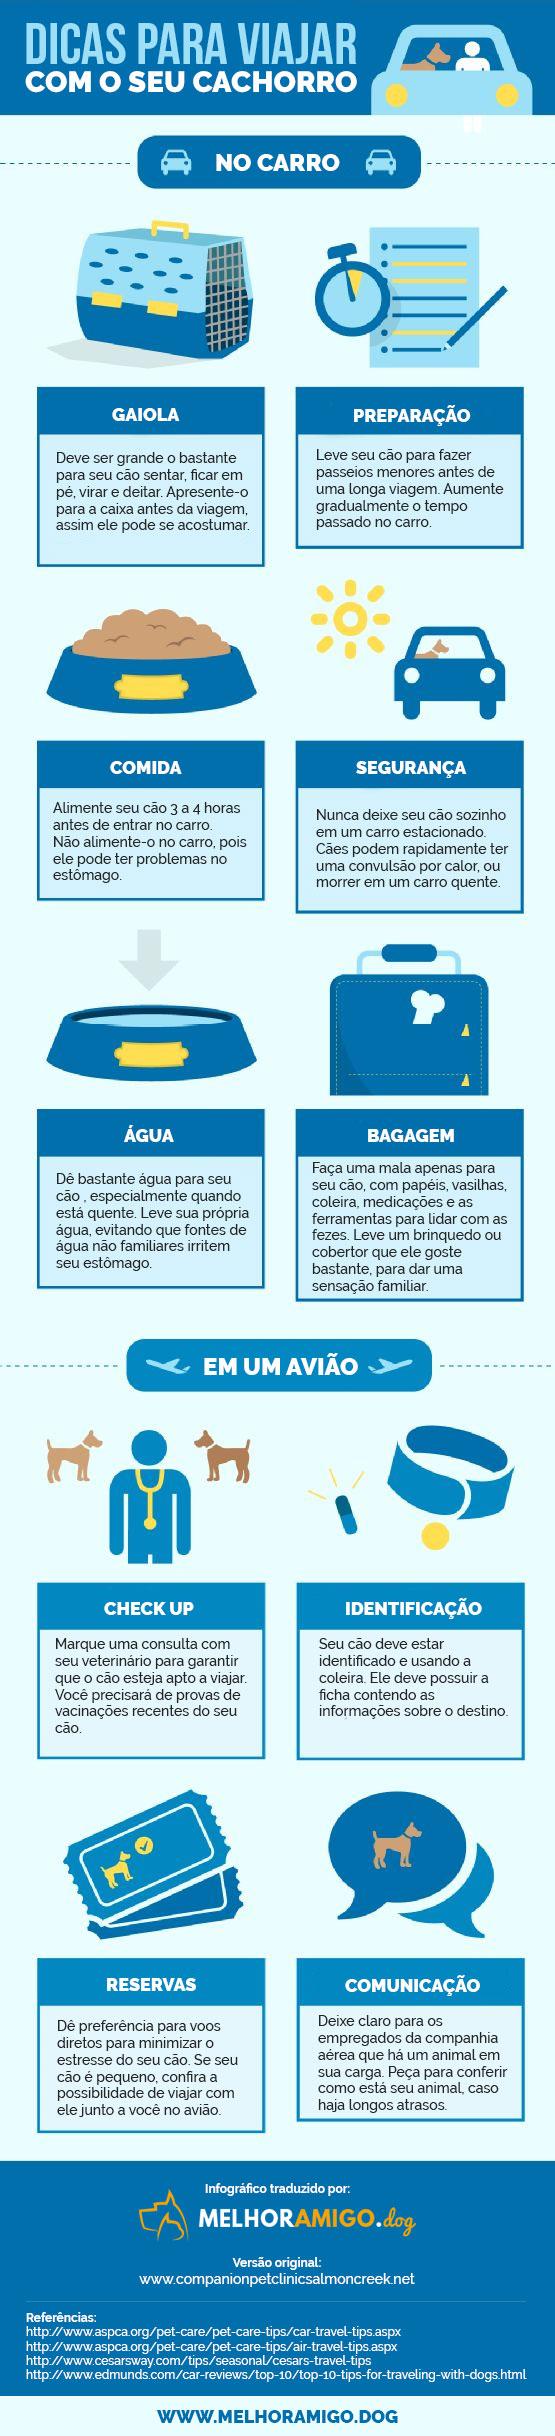 dicas-viajar-com-cachorro